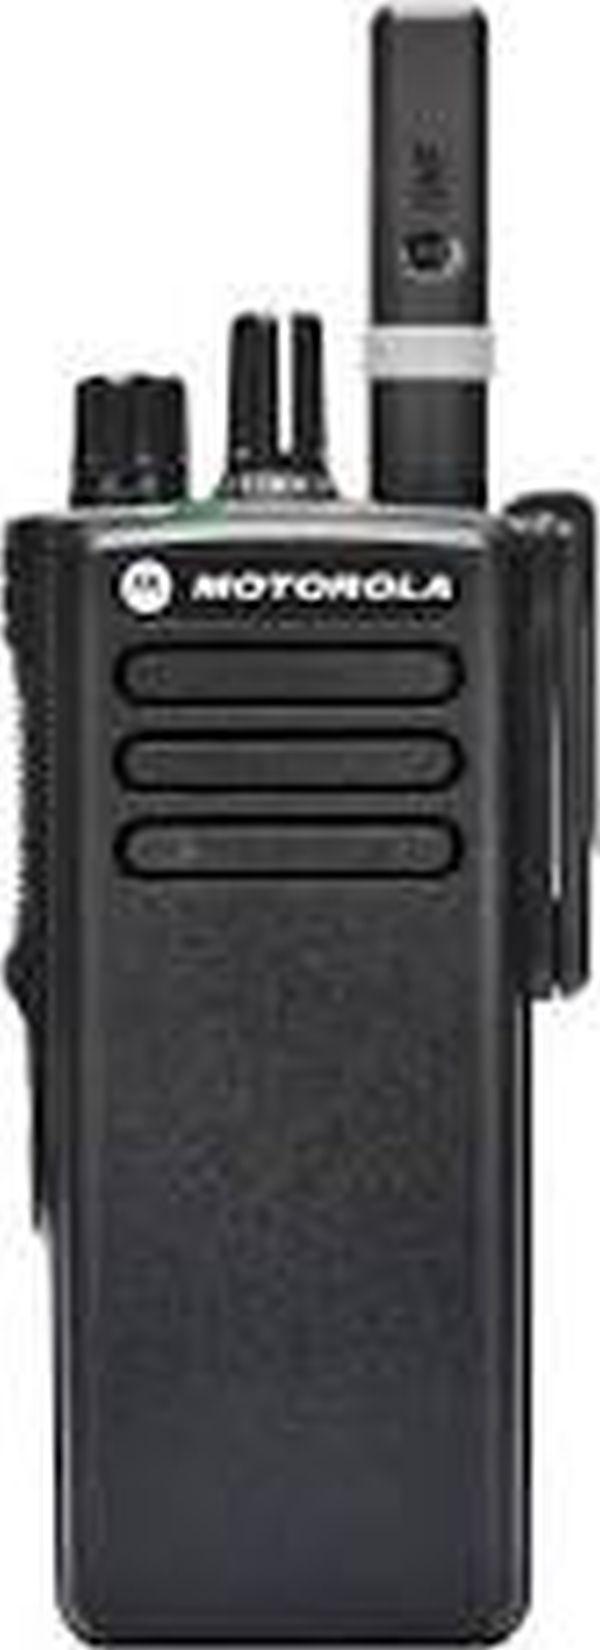 Портативная радиостанция Motorola DP 4400 (носимая радиостанция 136   174 МГц, 32 кан.; (упаков. по 20 шт без индив. упаковки))